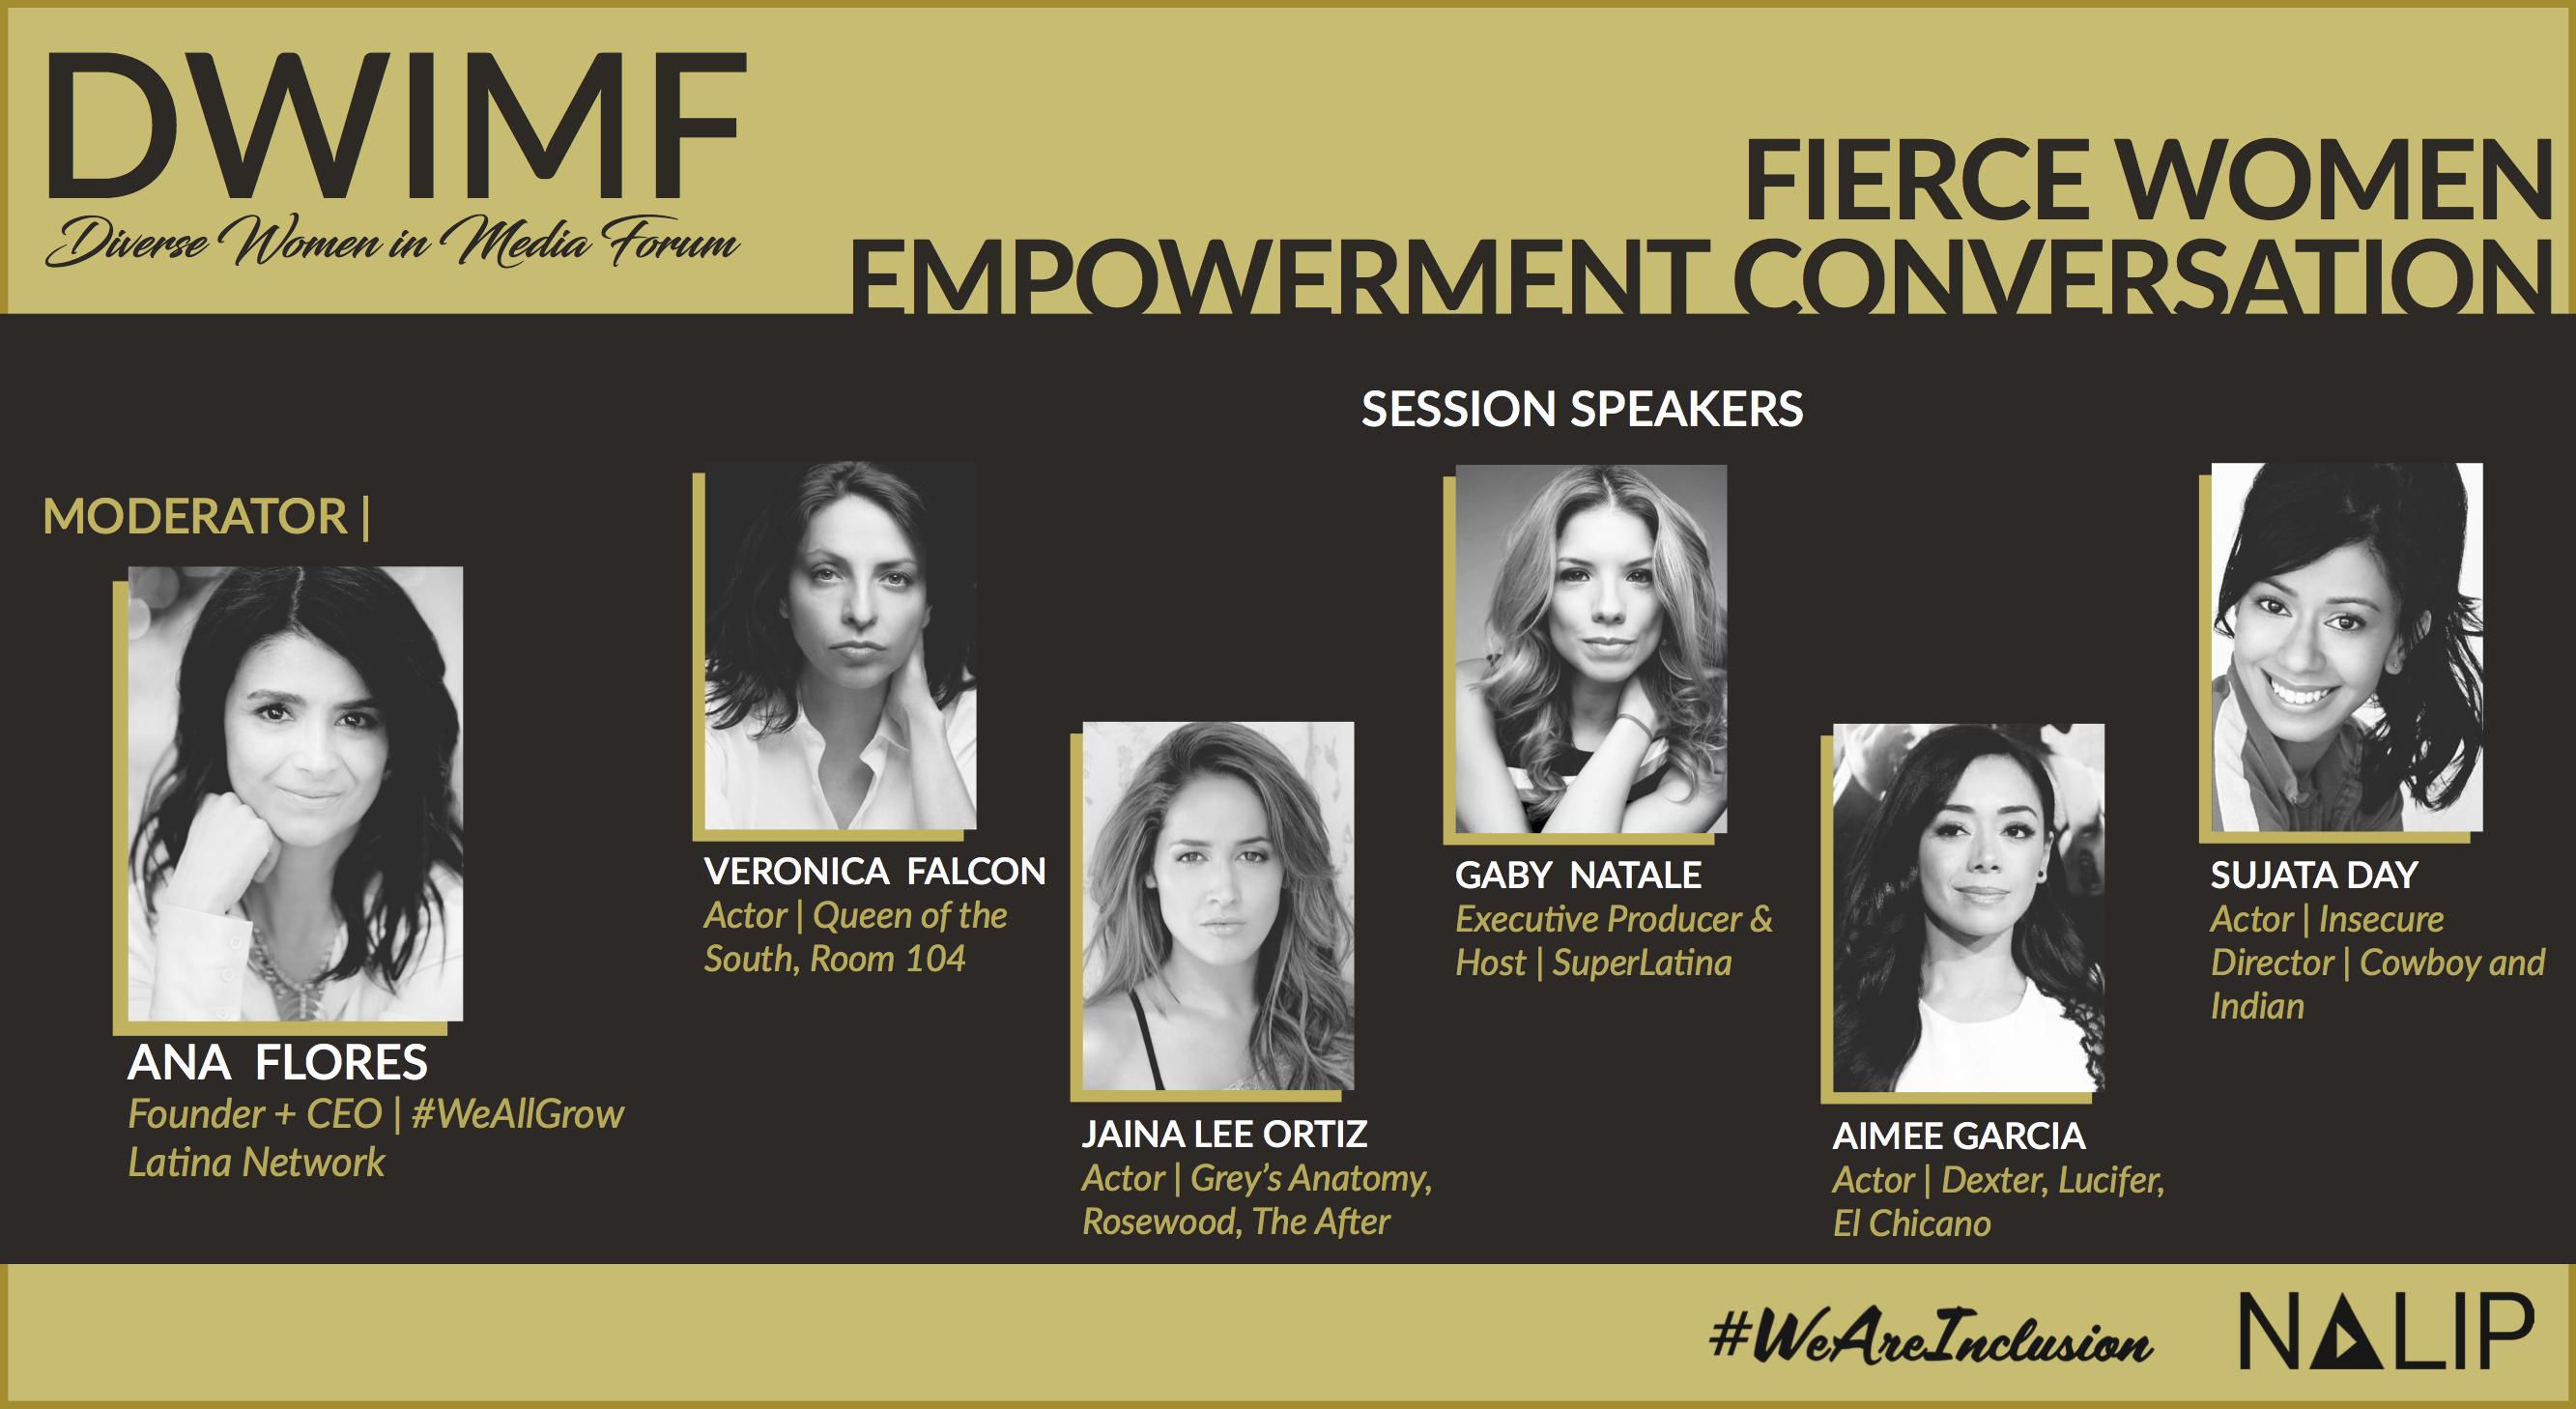 DWIMF_2017_Fierce_Women_Empowerment_FINAL.png